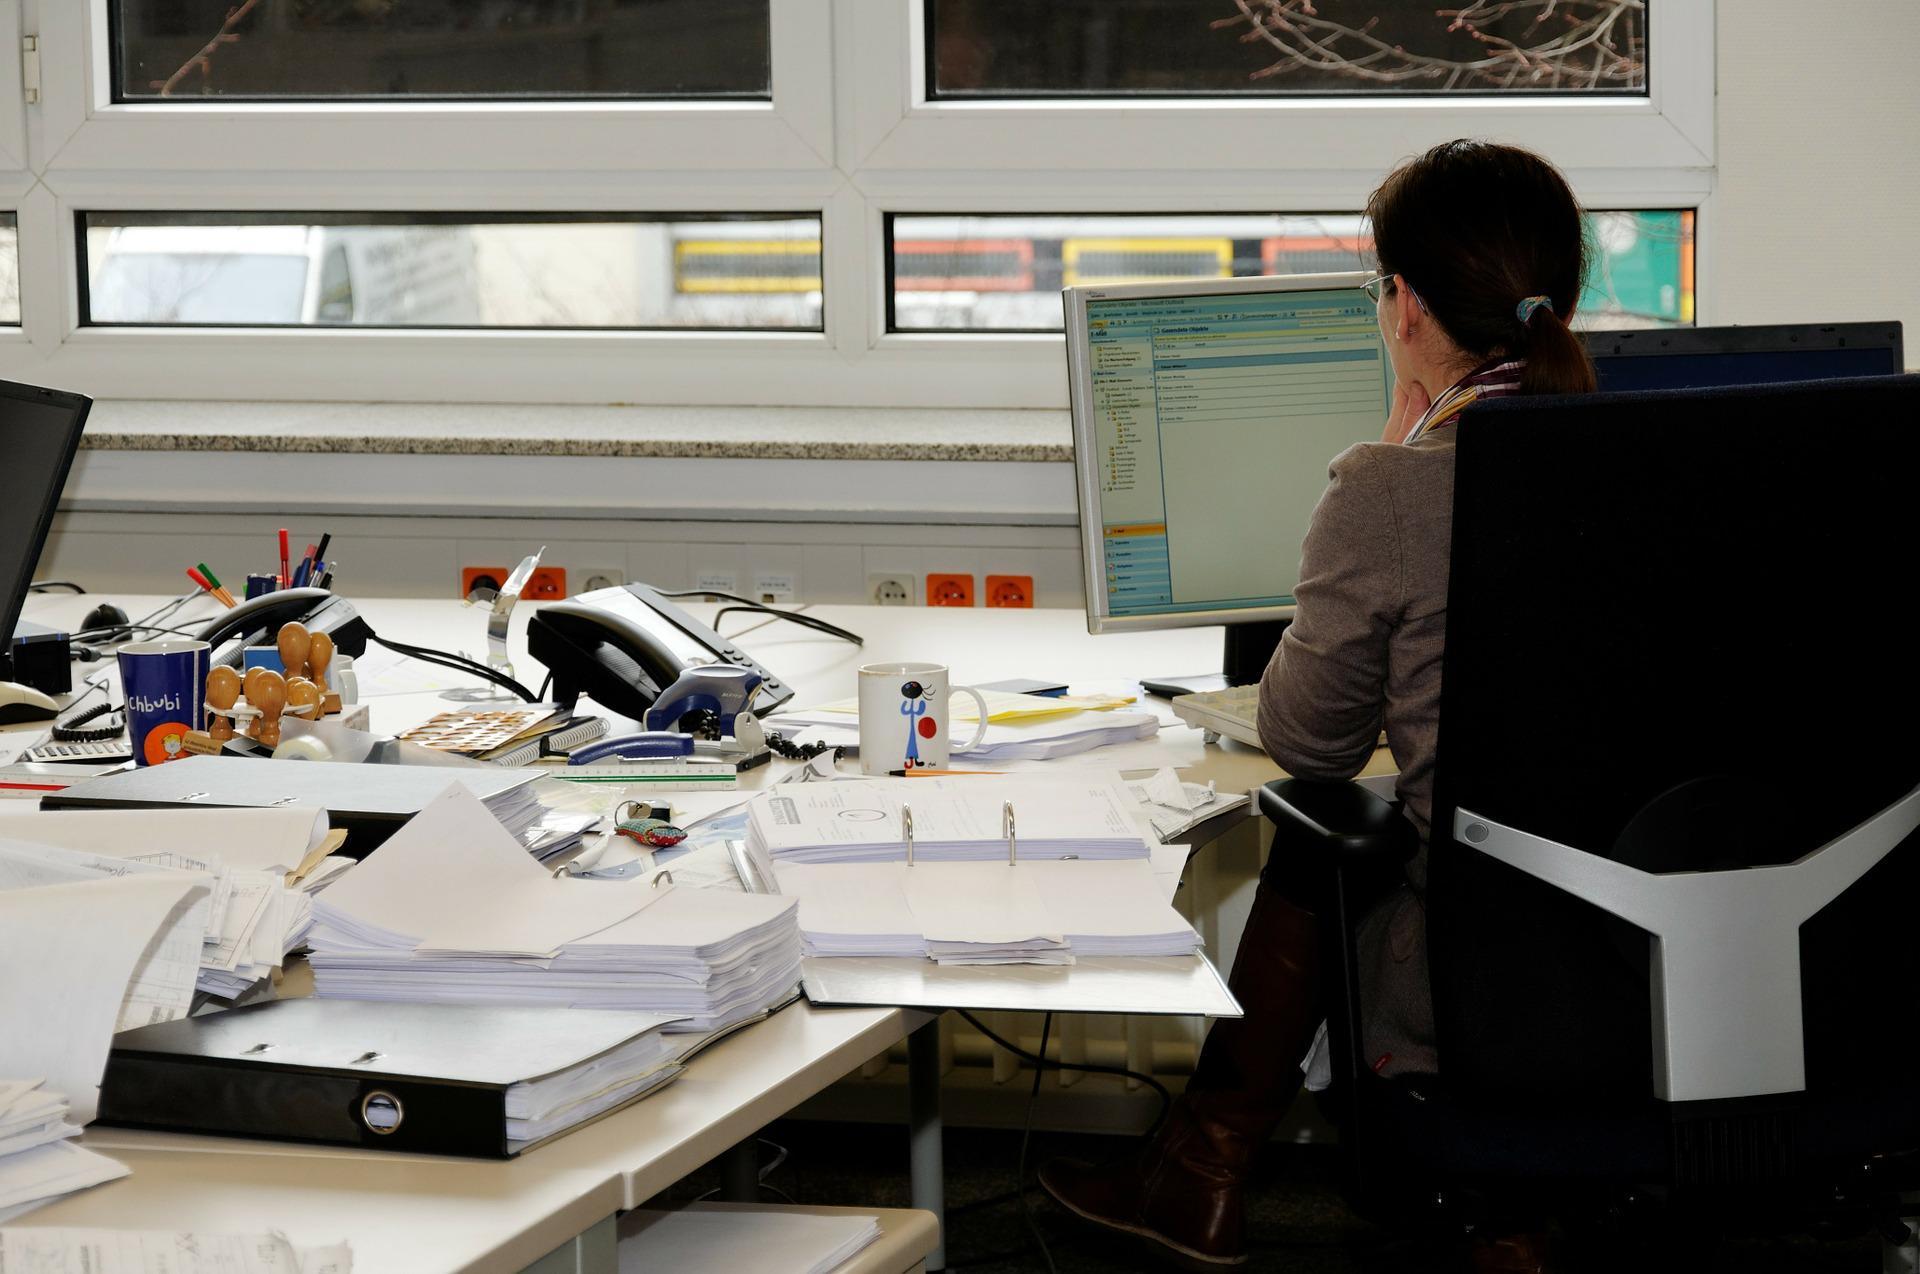 Sozialkassenverfahren des Baugewerbes - und die unwirksame Allgemeinverbindlichkeitserkärung 2012